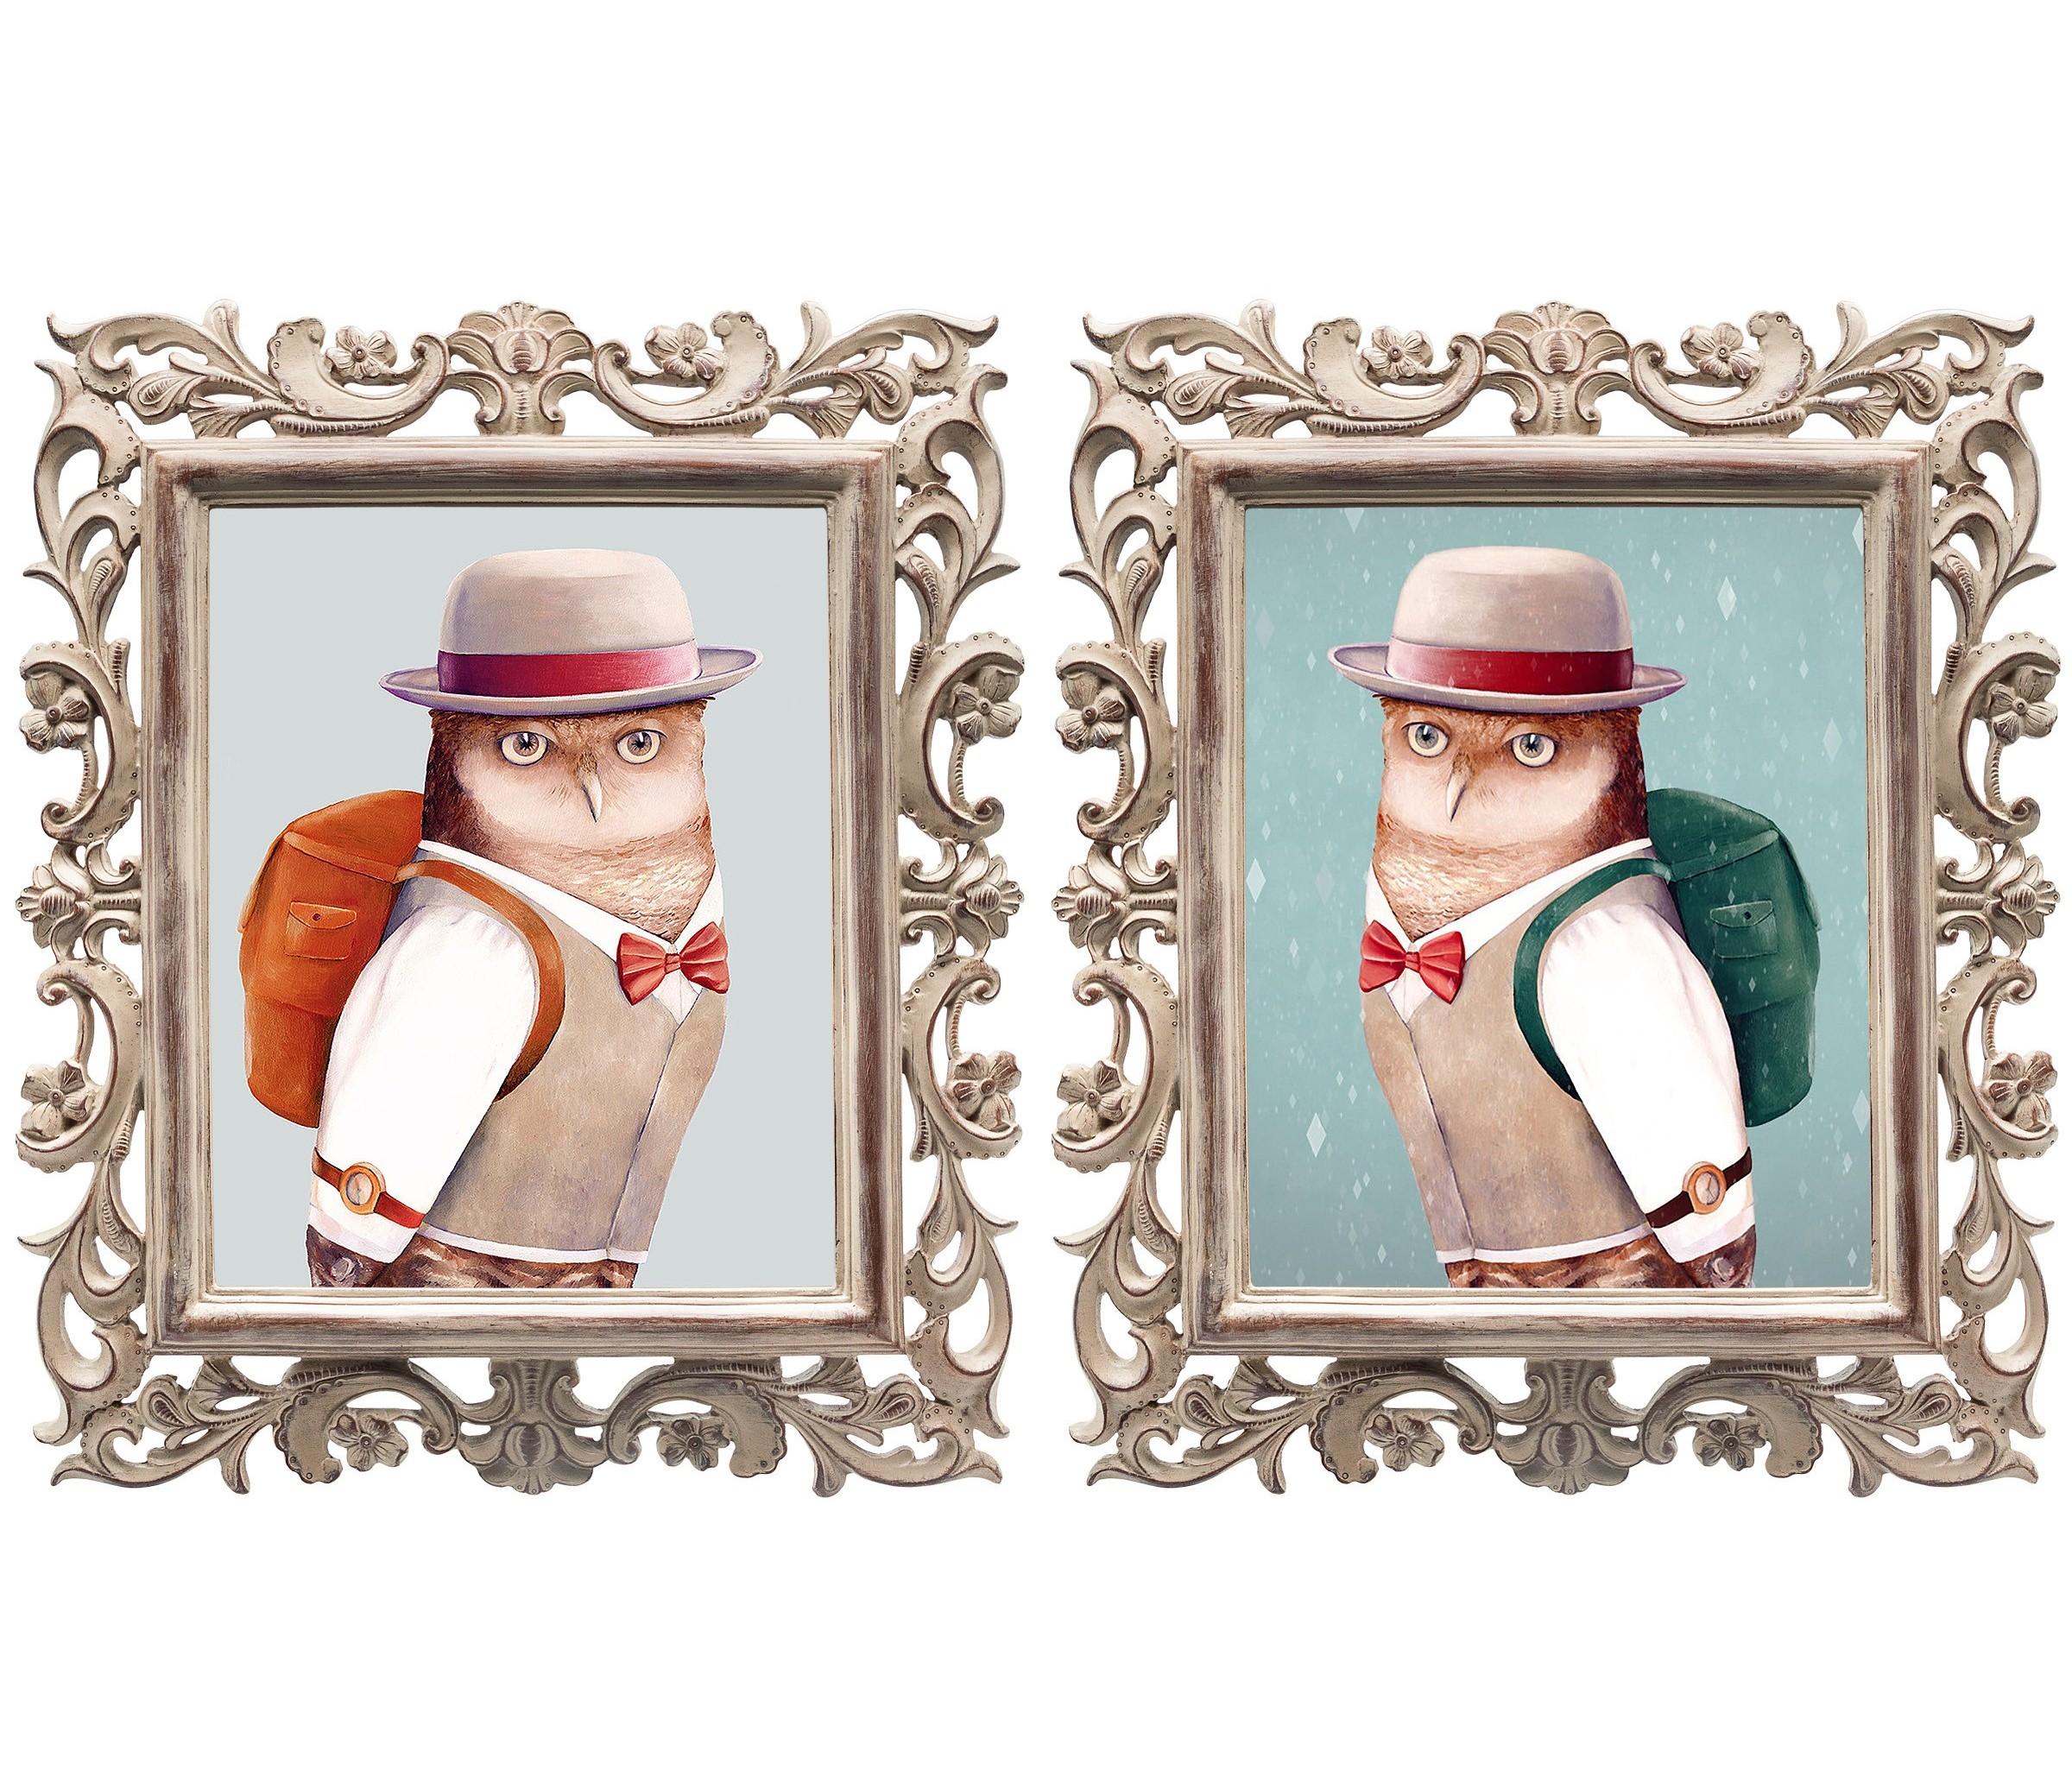 Набор из двух репродукций ZOO ПАРКПостеры<br>Сочетая салонную аристократичность с дворцовой роскошью, единственный декоративный элемент способен задать стиль помещению в целом. В сочетании с репродукциями &amp;quot;ZOO ПАРК&amp;quot;, тончайший воздушный узор рамы &amp;quot;Соланж&amp;quot; дарует ощущение невесомости и восторга.&amp;lt;div&amp;gt;&amp;lt;div&amp;gt;&amp;lt;br&amp;gt;&amp;lt;/div&amp;gt;&amp;lt;div&amp;gt;Материал: Изображение - дизайнерская бумага; рама - искусственный камень; защитный слой - стекло; оборотная сторона - бархатный полиэстер.&amp;lt;/div&amp;gt;&amp;lt;/div&amp;gt;<br><br>Material: Бумага<br>Width см: 31,3<br>Depth см: 2,2<br>Height см: 37,5